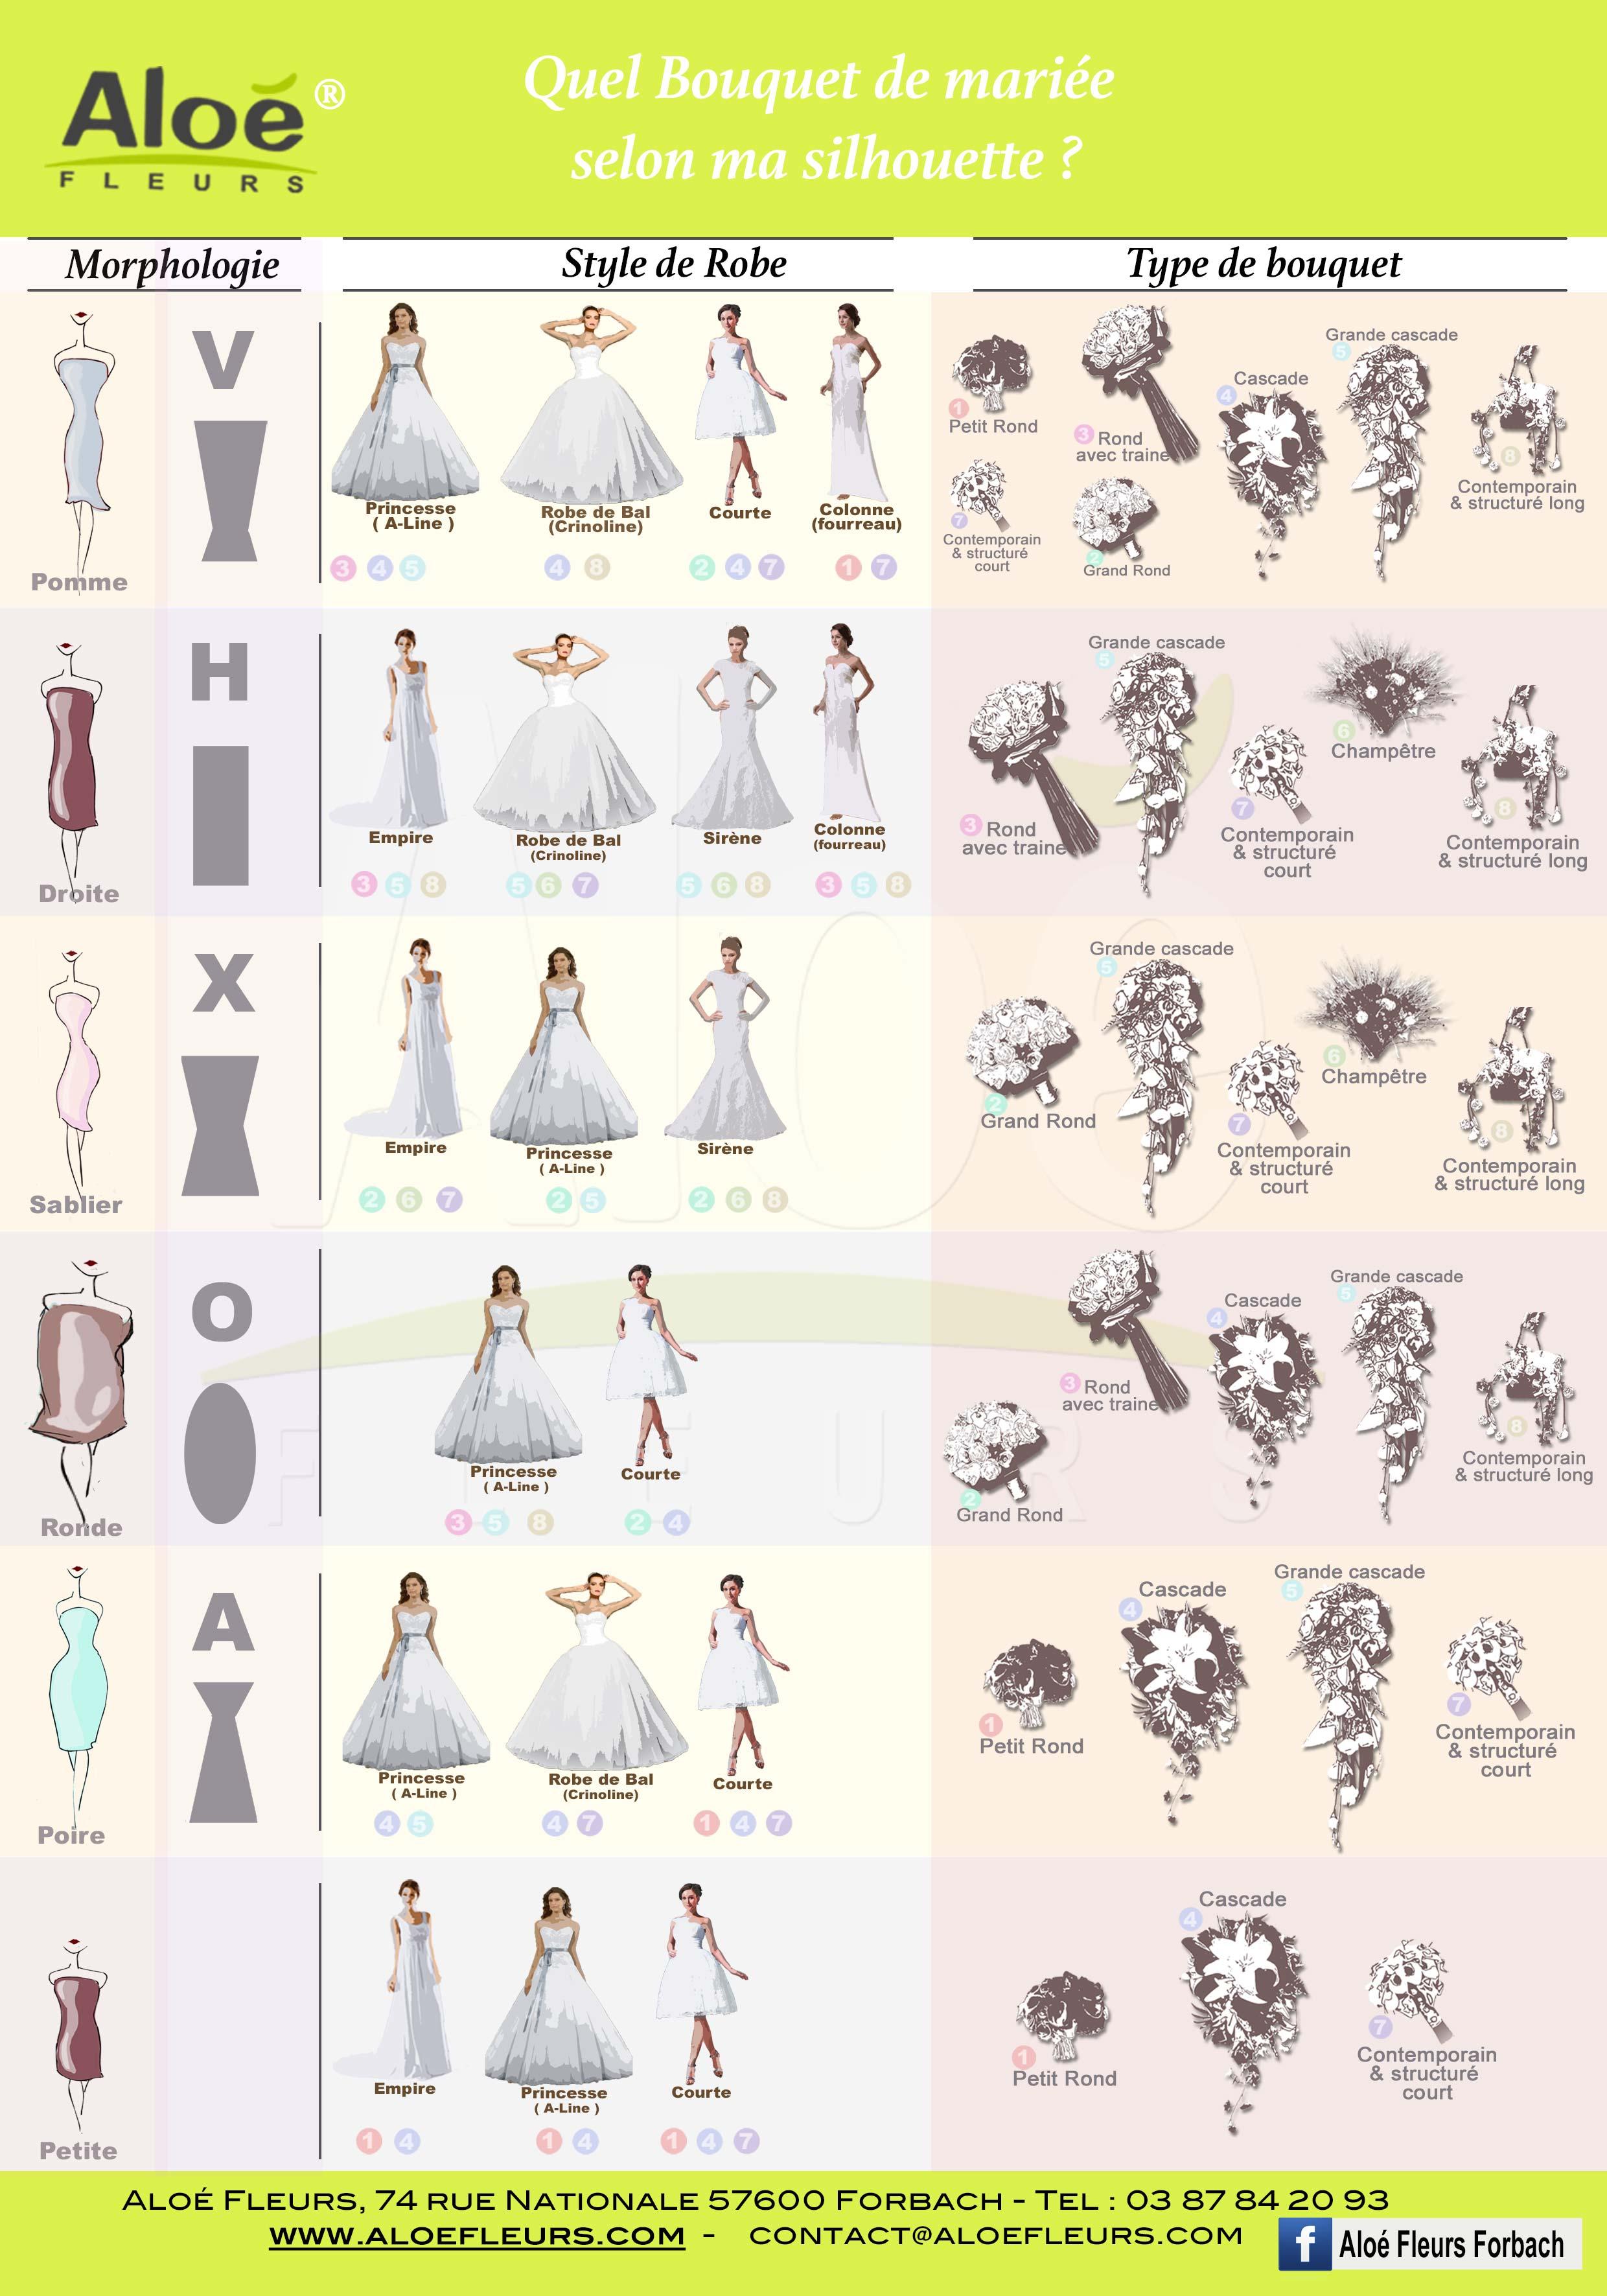 Comment Choisir Son Bouquet De Mariée Selon Sa Morphologie